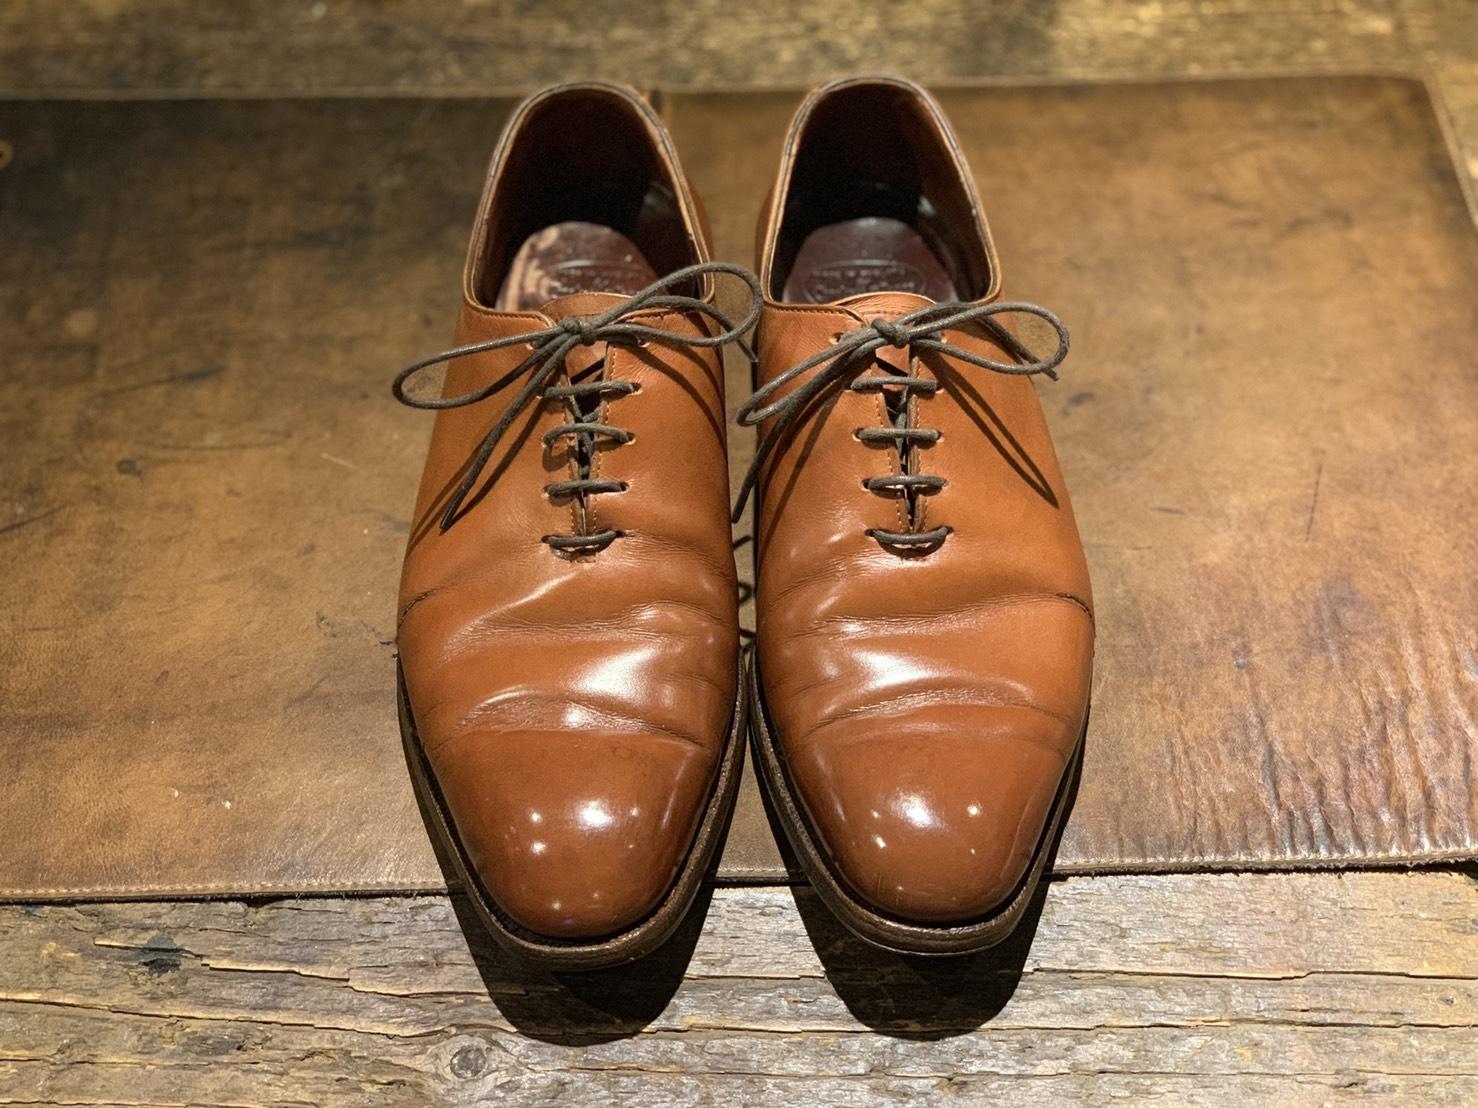 福岡 靴磨き Crockett&Jones